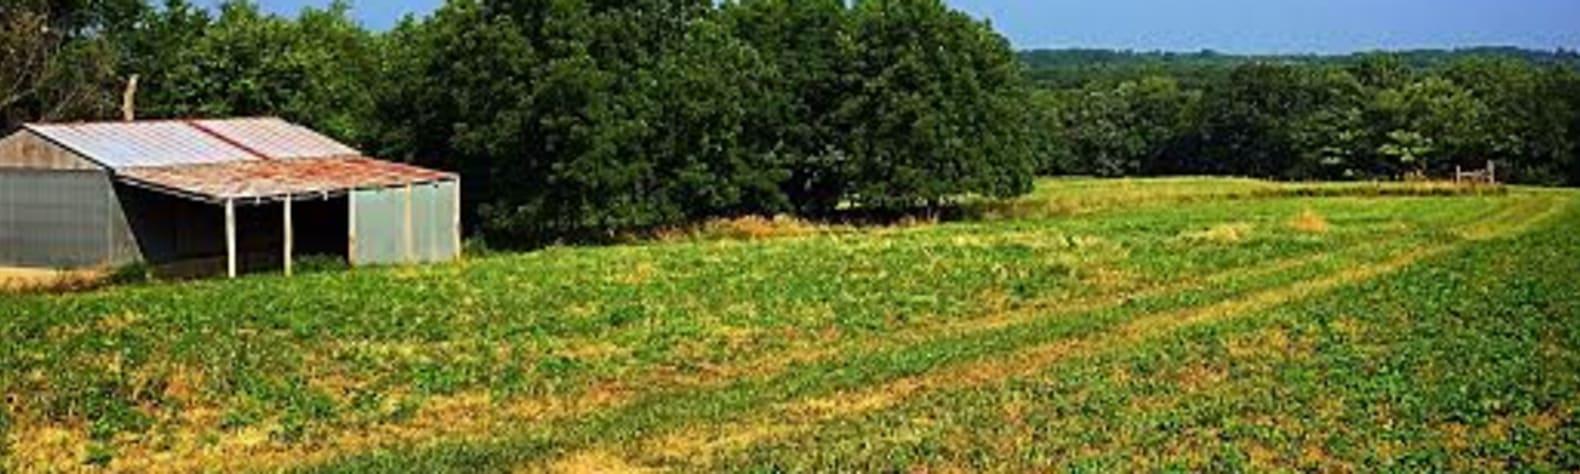 Roots, Fruits & Greens Farm